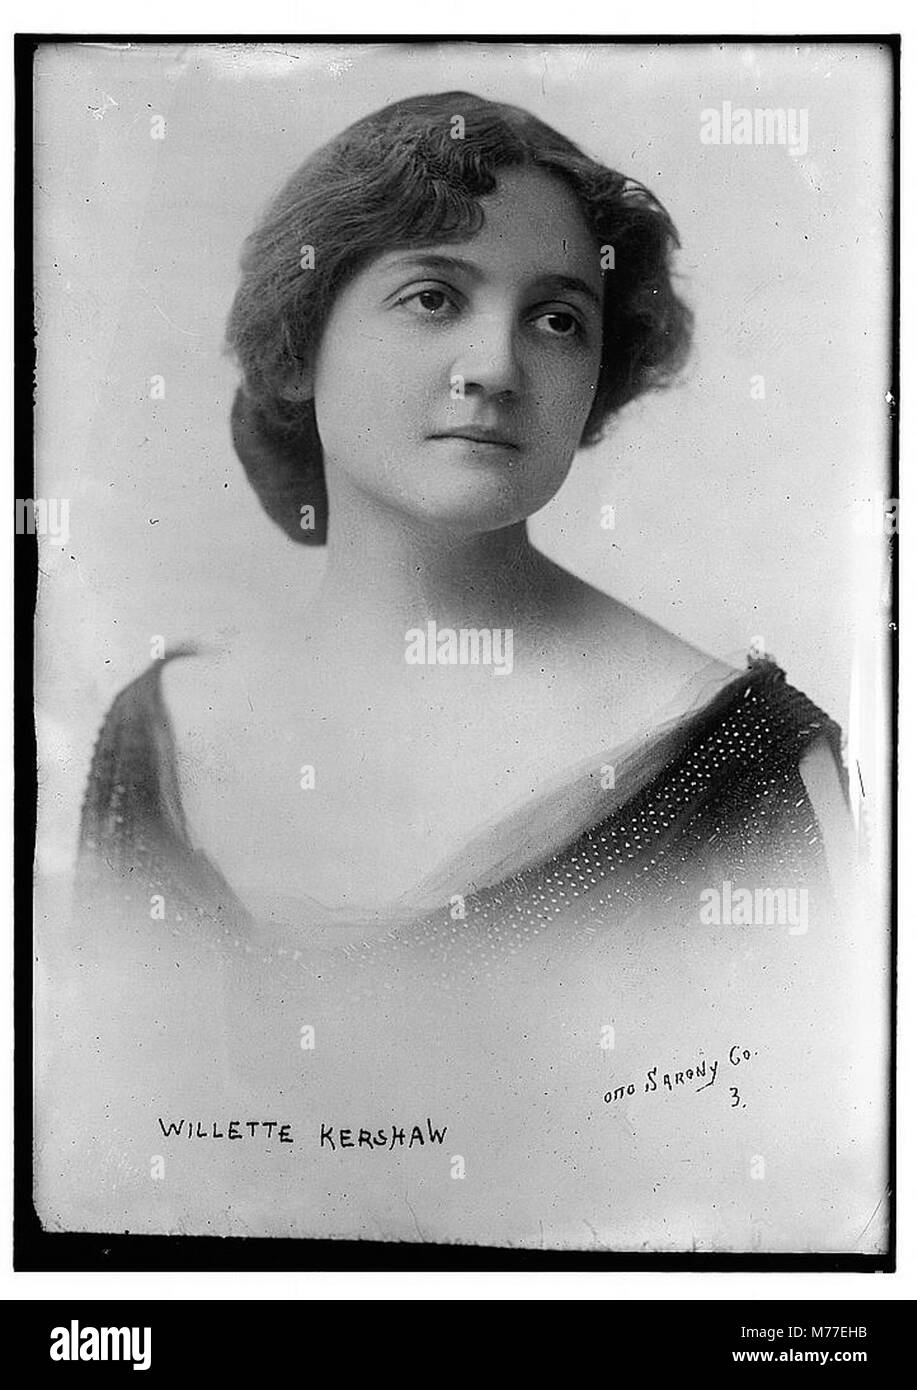 Willette Kershaw